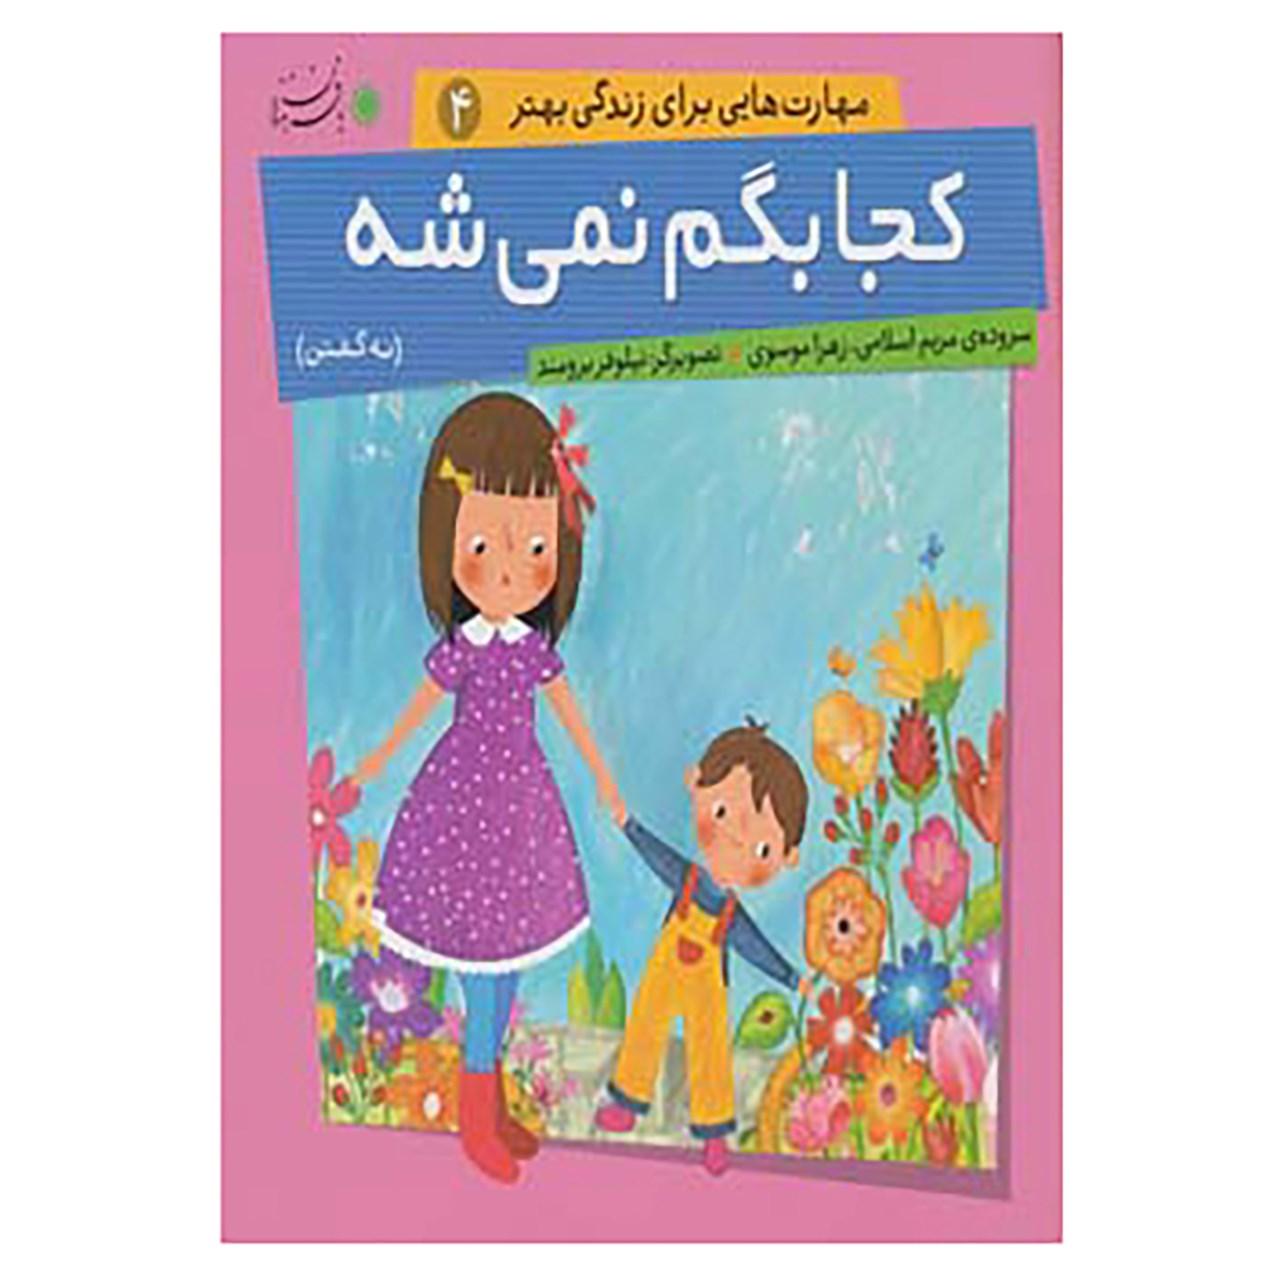 خرید                      کتاب مهارت هایی برای زندگی بهتر 4 اثر مریم اسلامی،زهرا موسوی